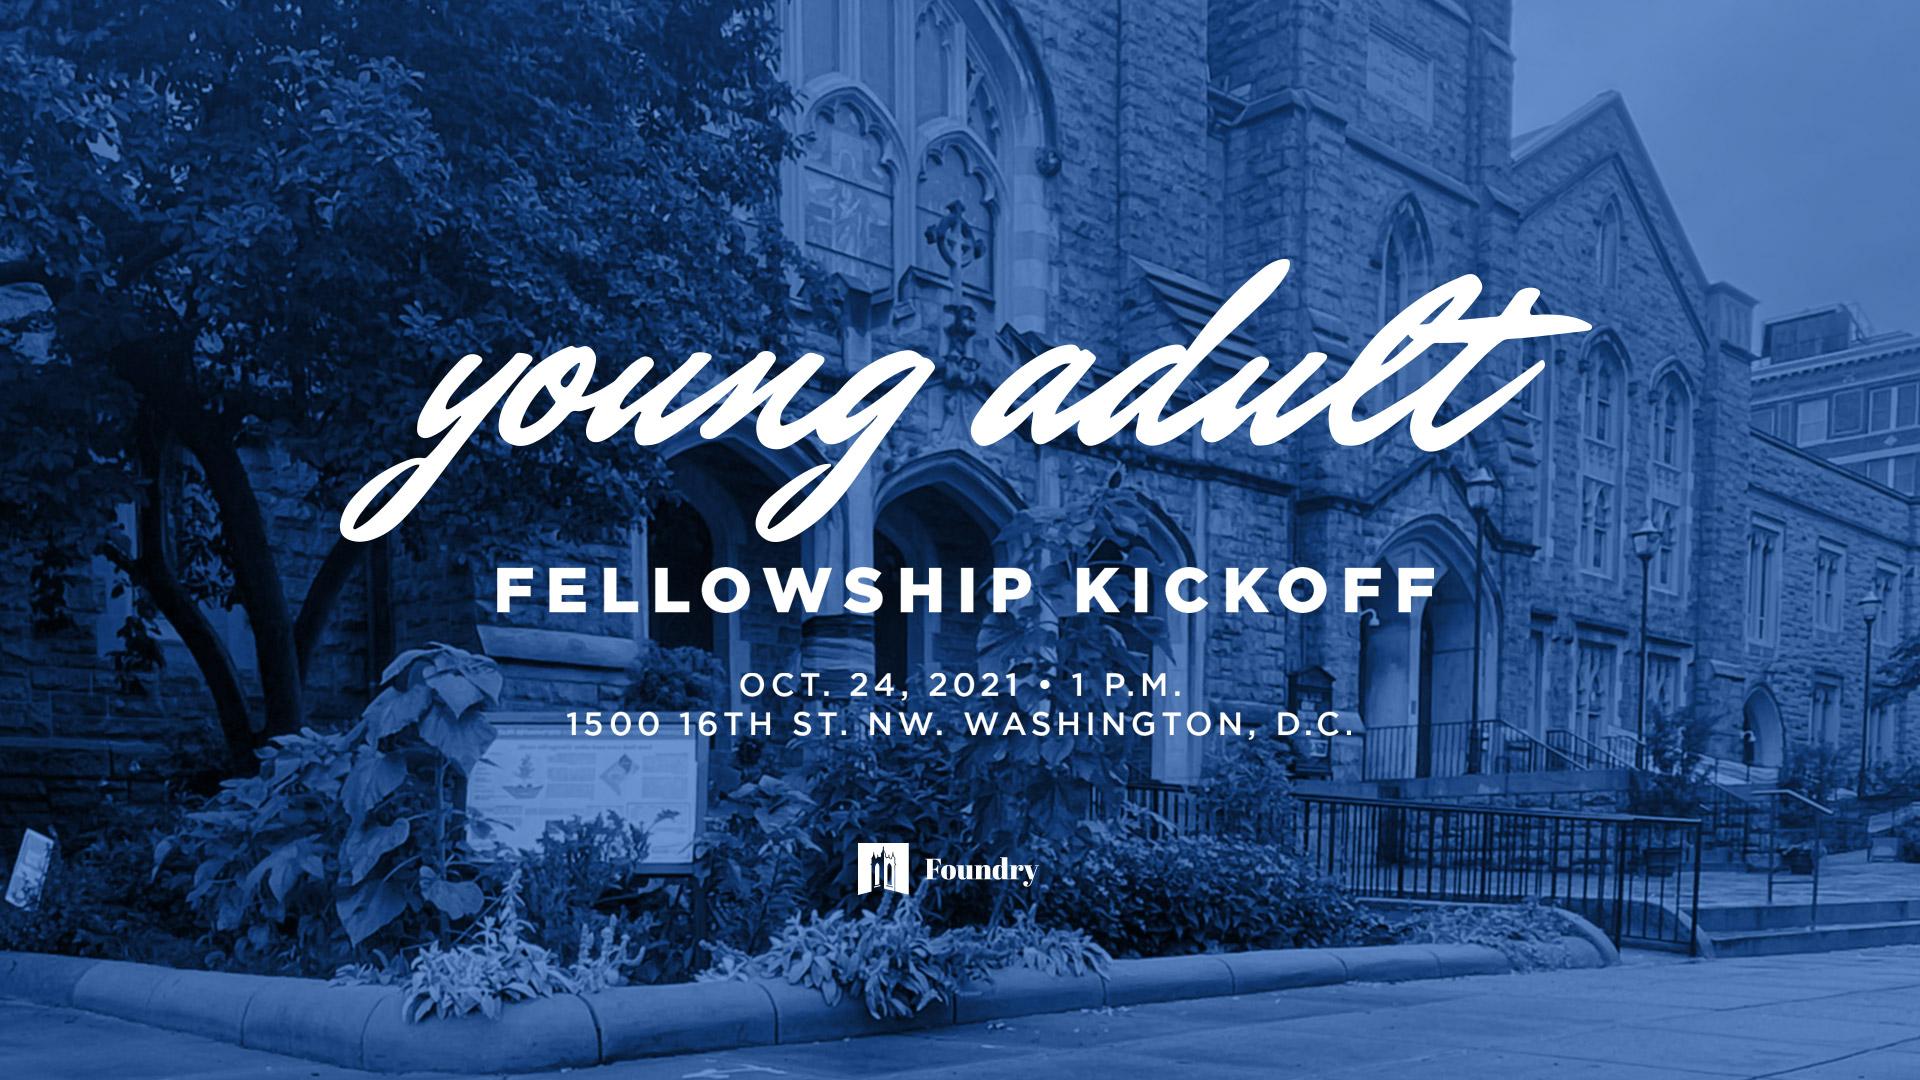 Young Adult Fellowship Group Kick Off